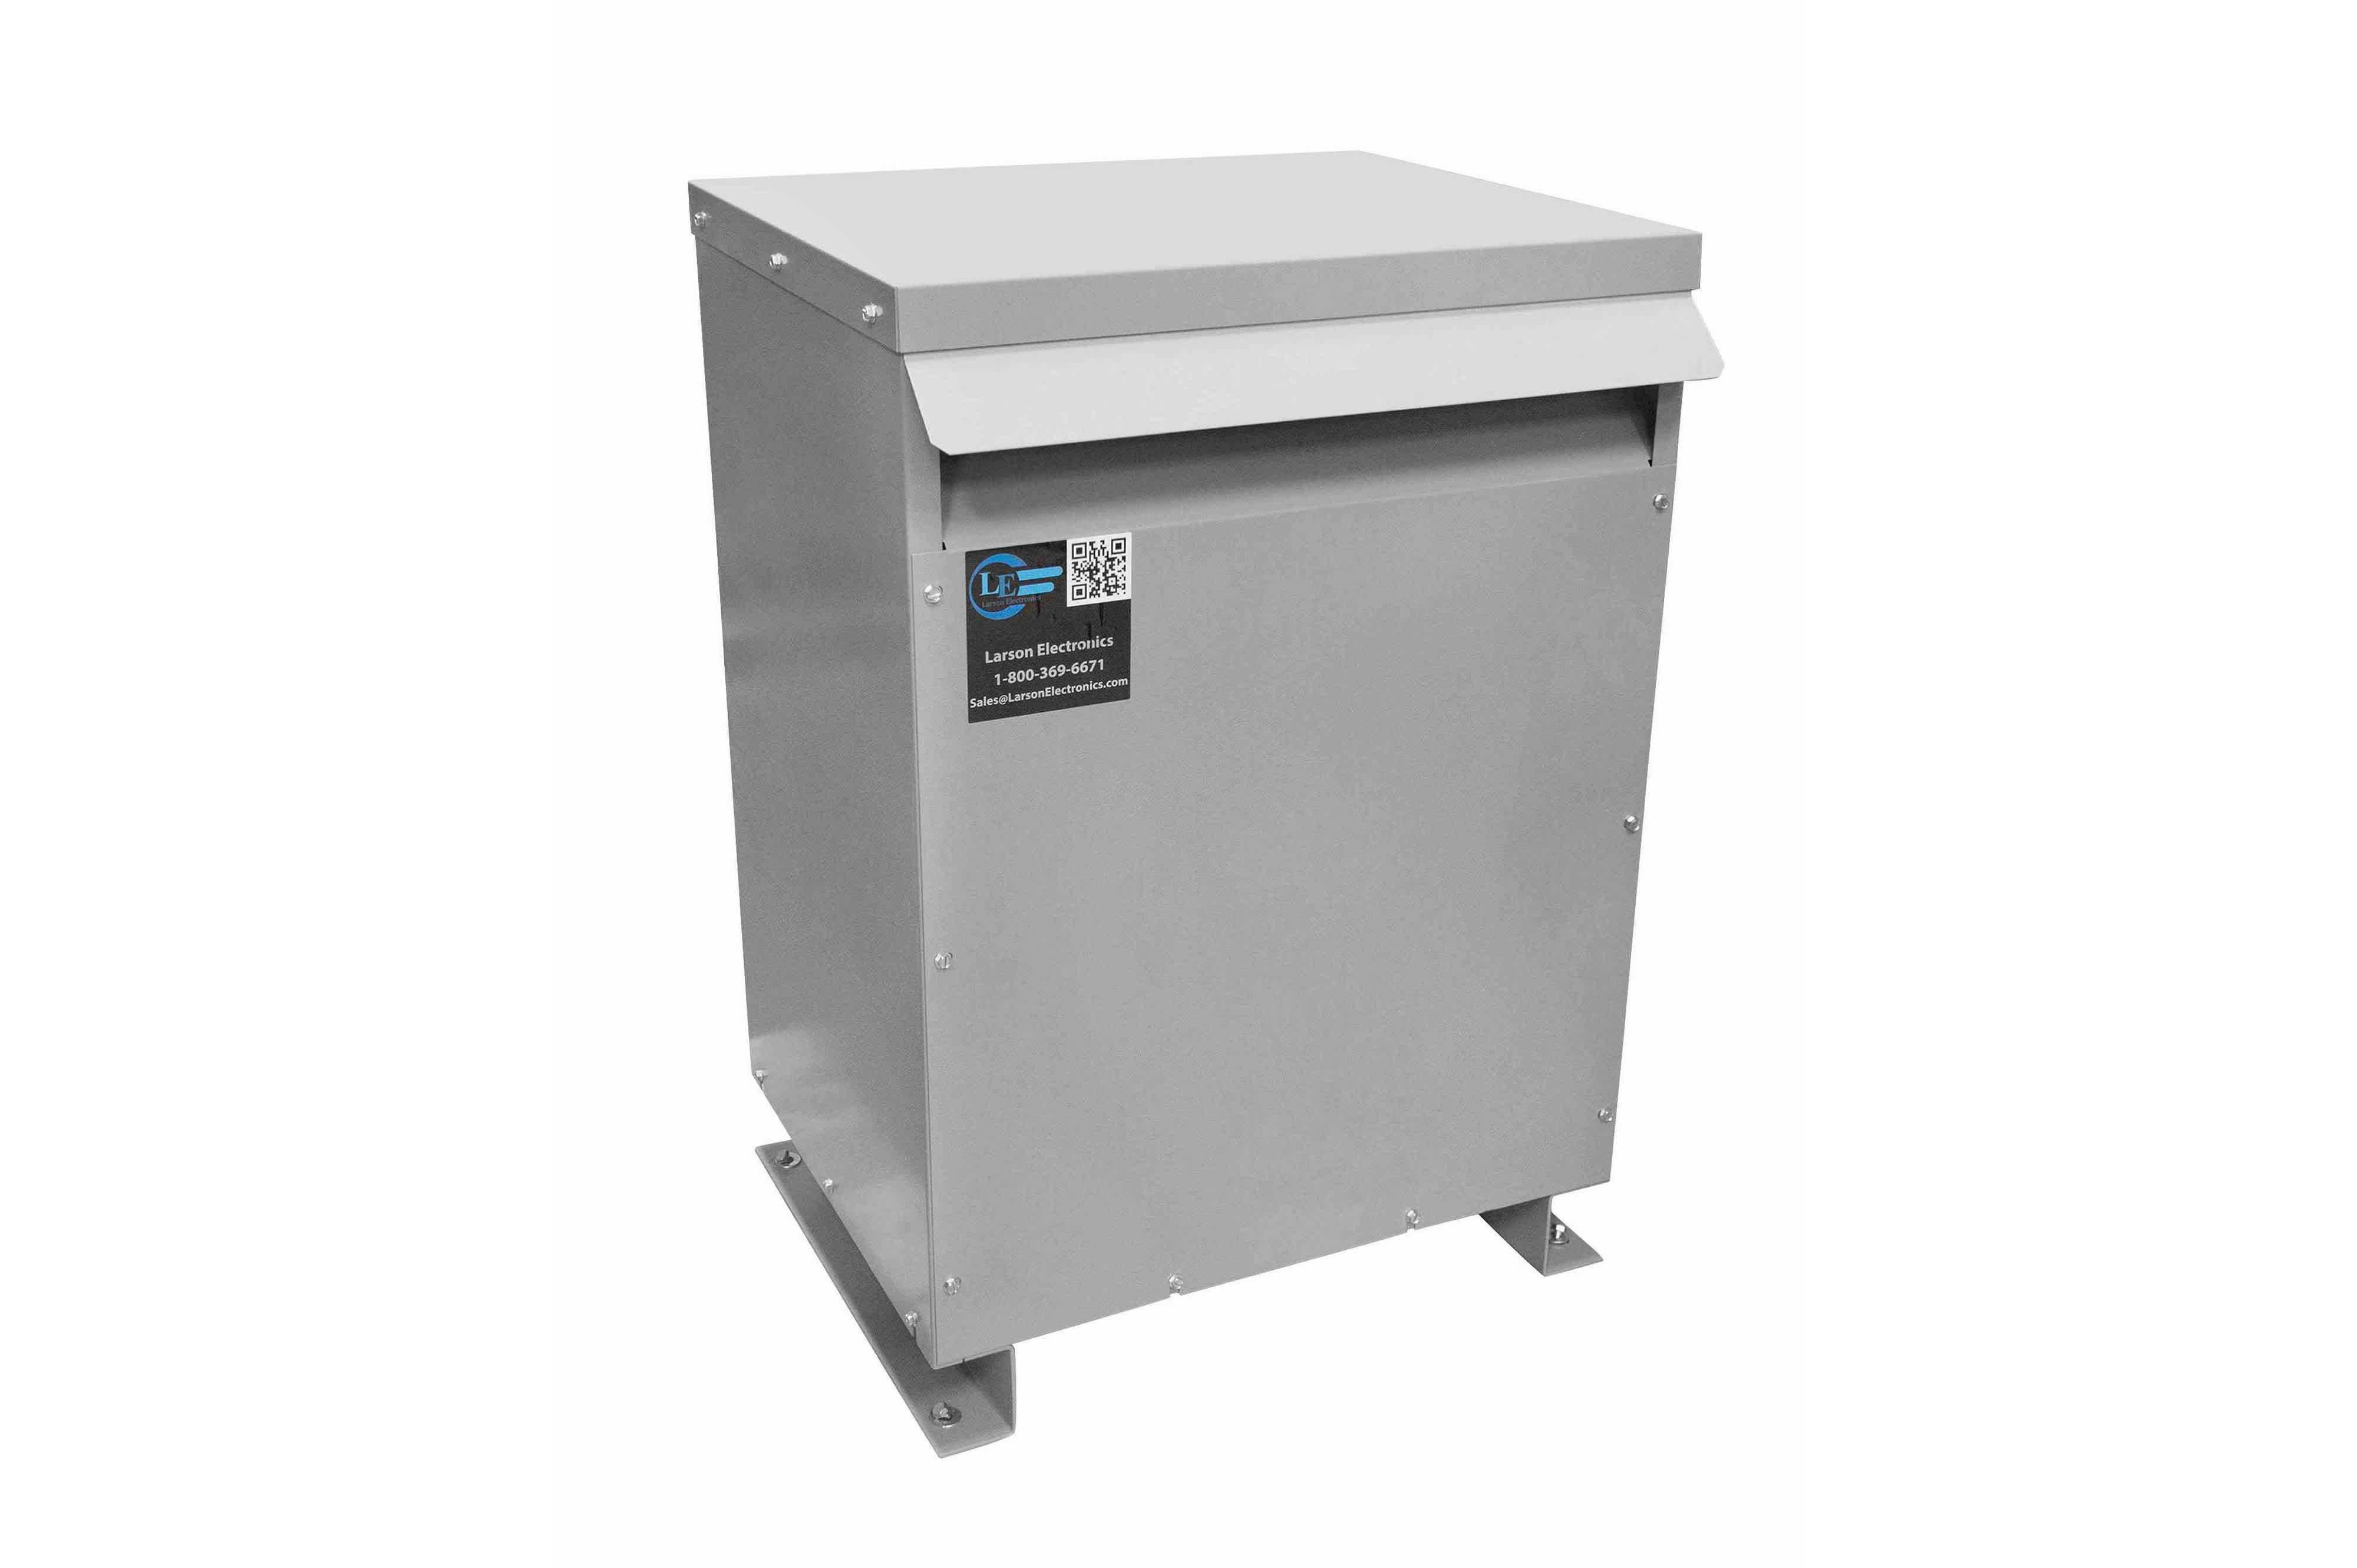 52.5 kVA 3PH Isolation Transformer, 208V Delta Primary, 240 Delta Secondary, N3R, Ventilated, 60 Hz